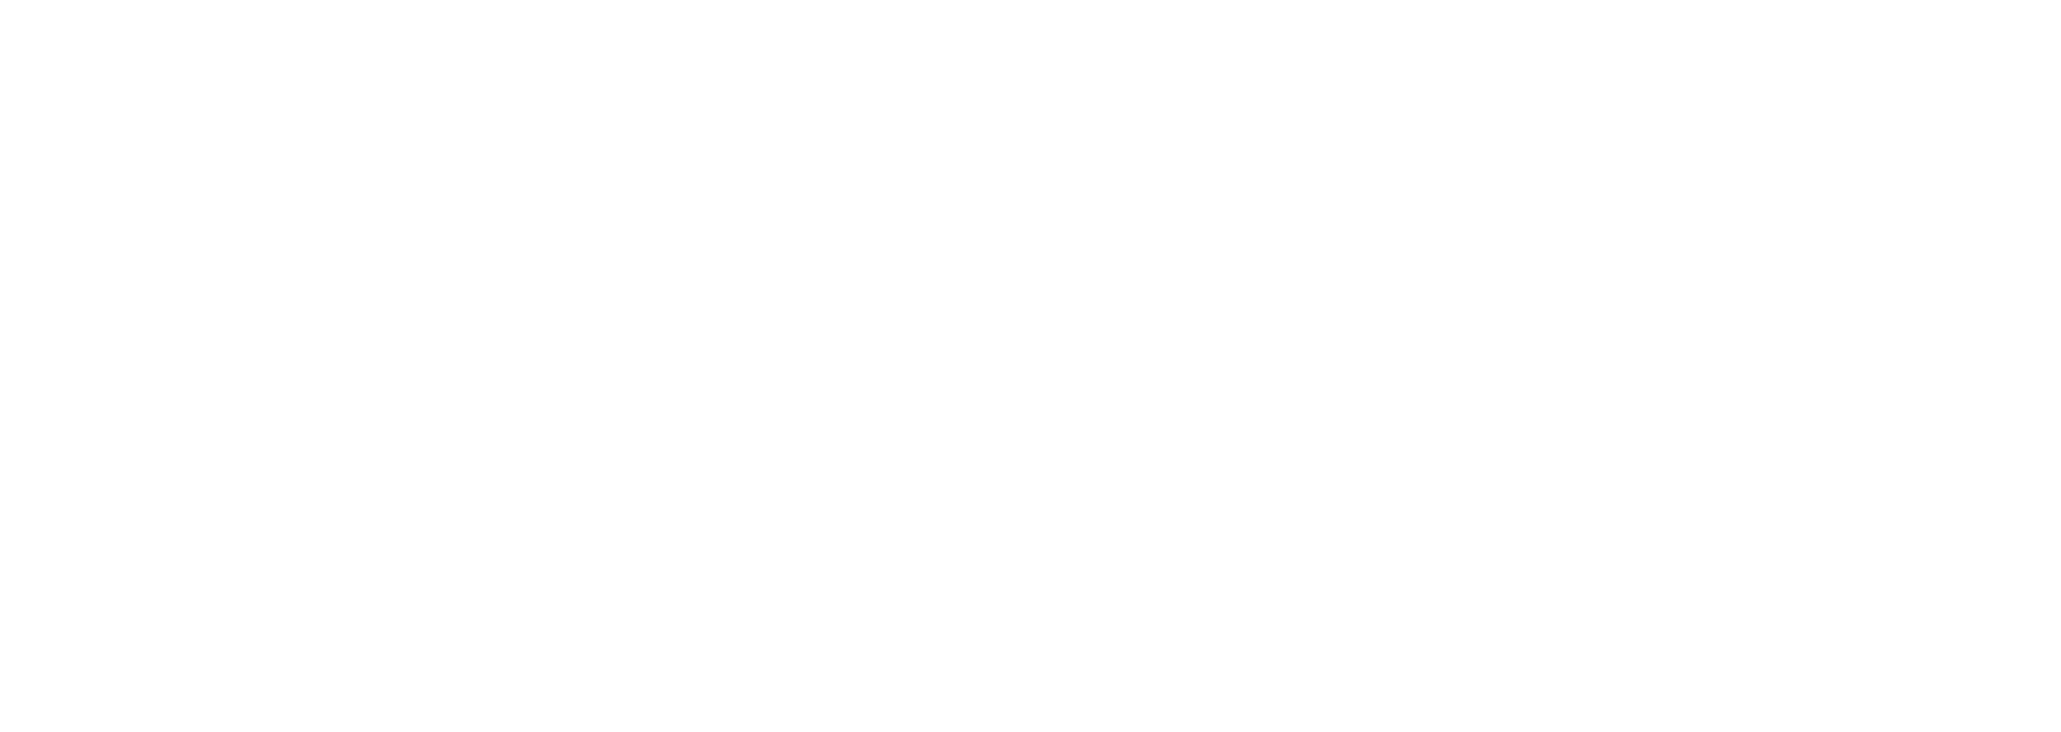 NNMC Logo